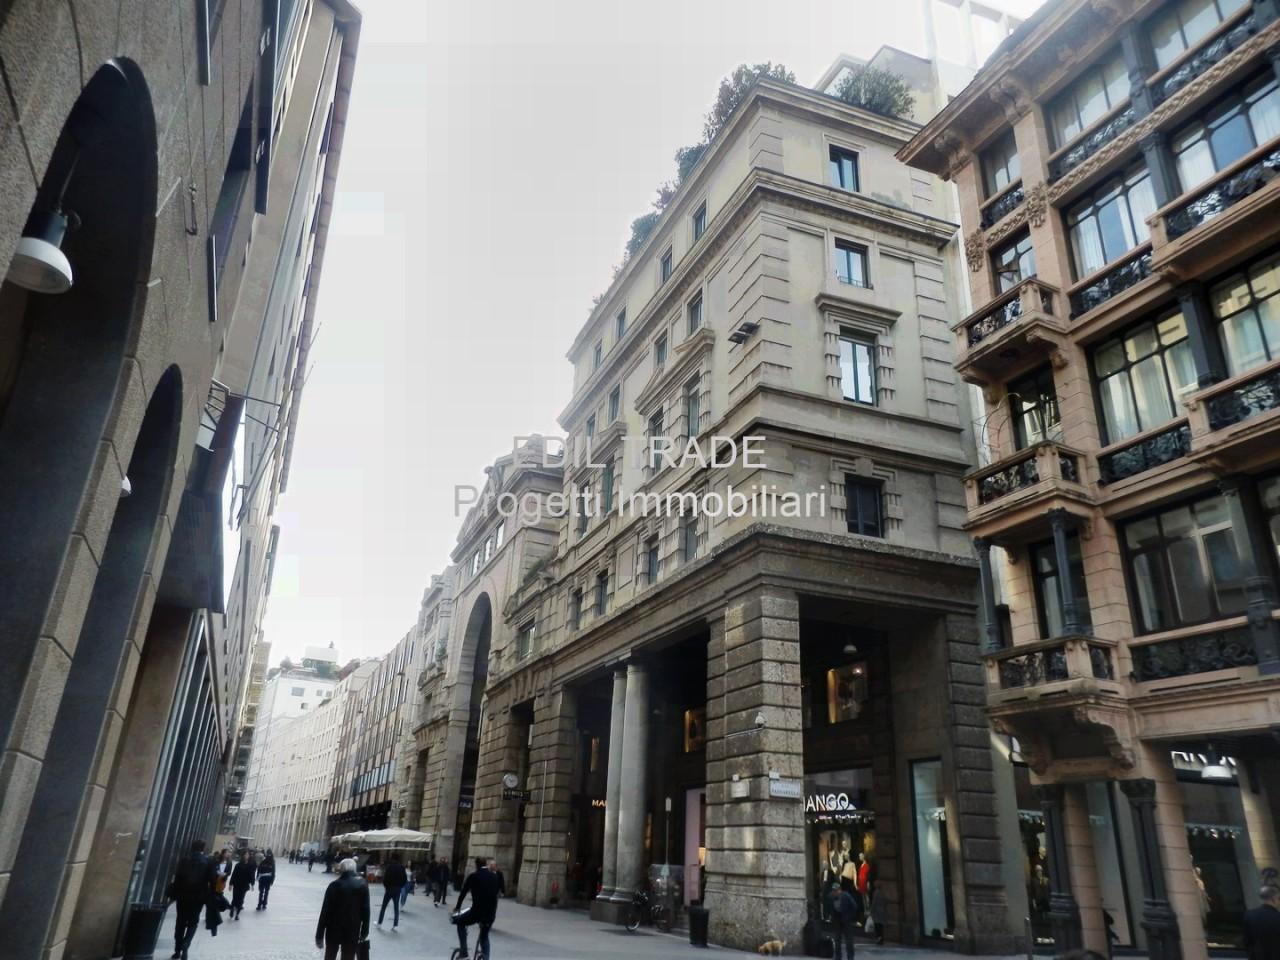 Ufficio / Studio in vendita a Milano, 5 locali, Trattative riservate | CambioCasa.it